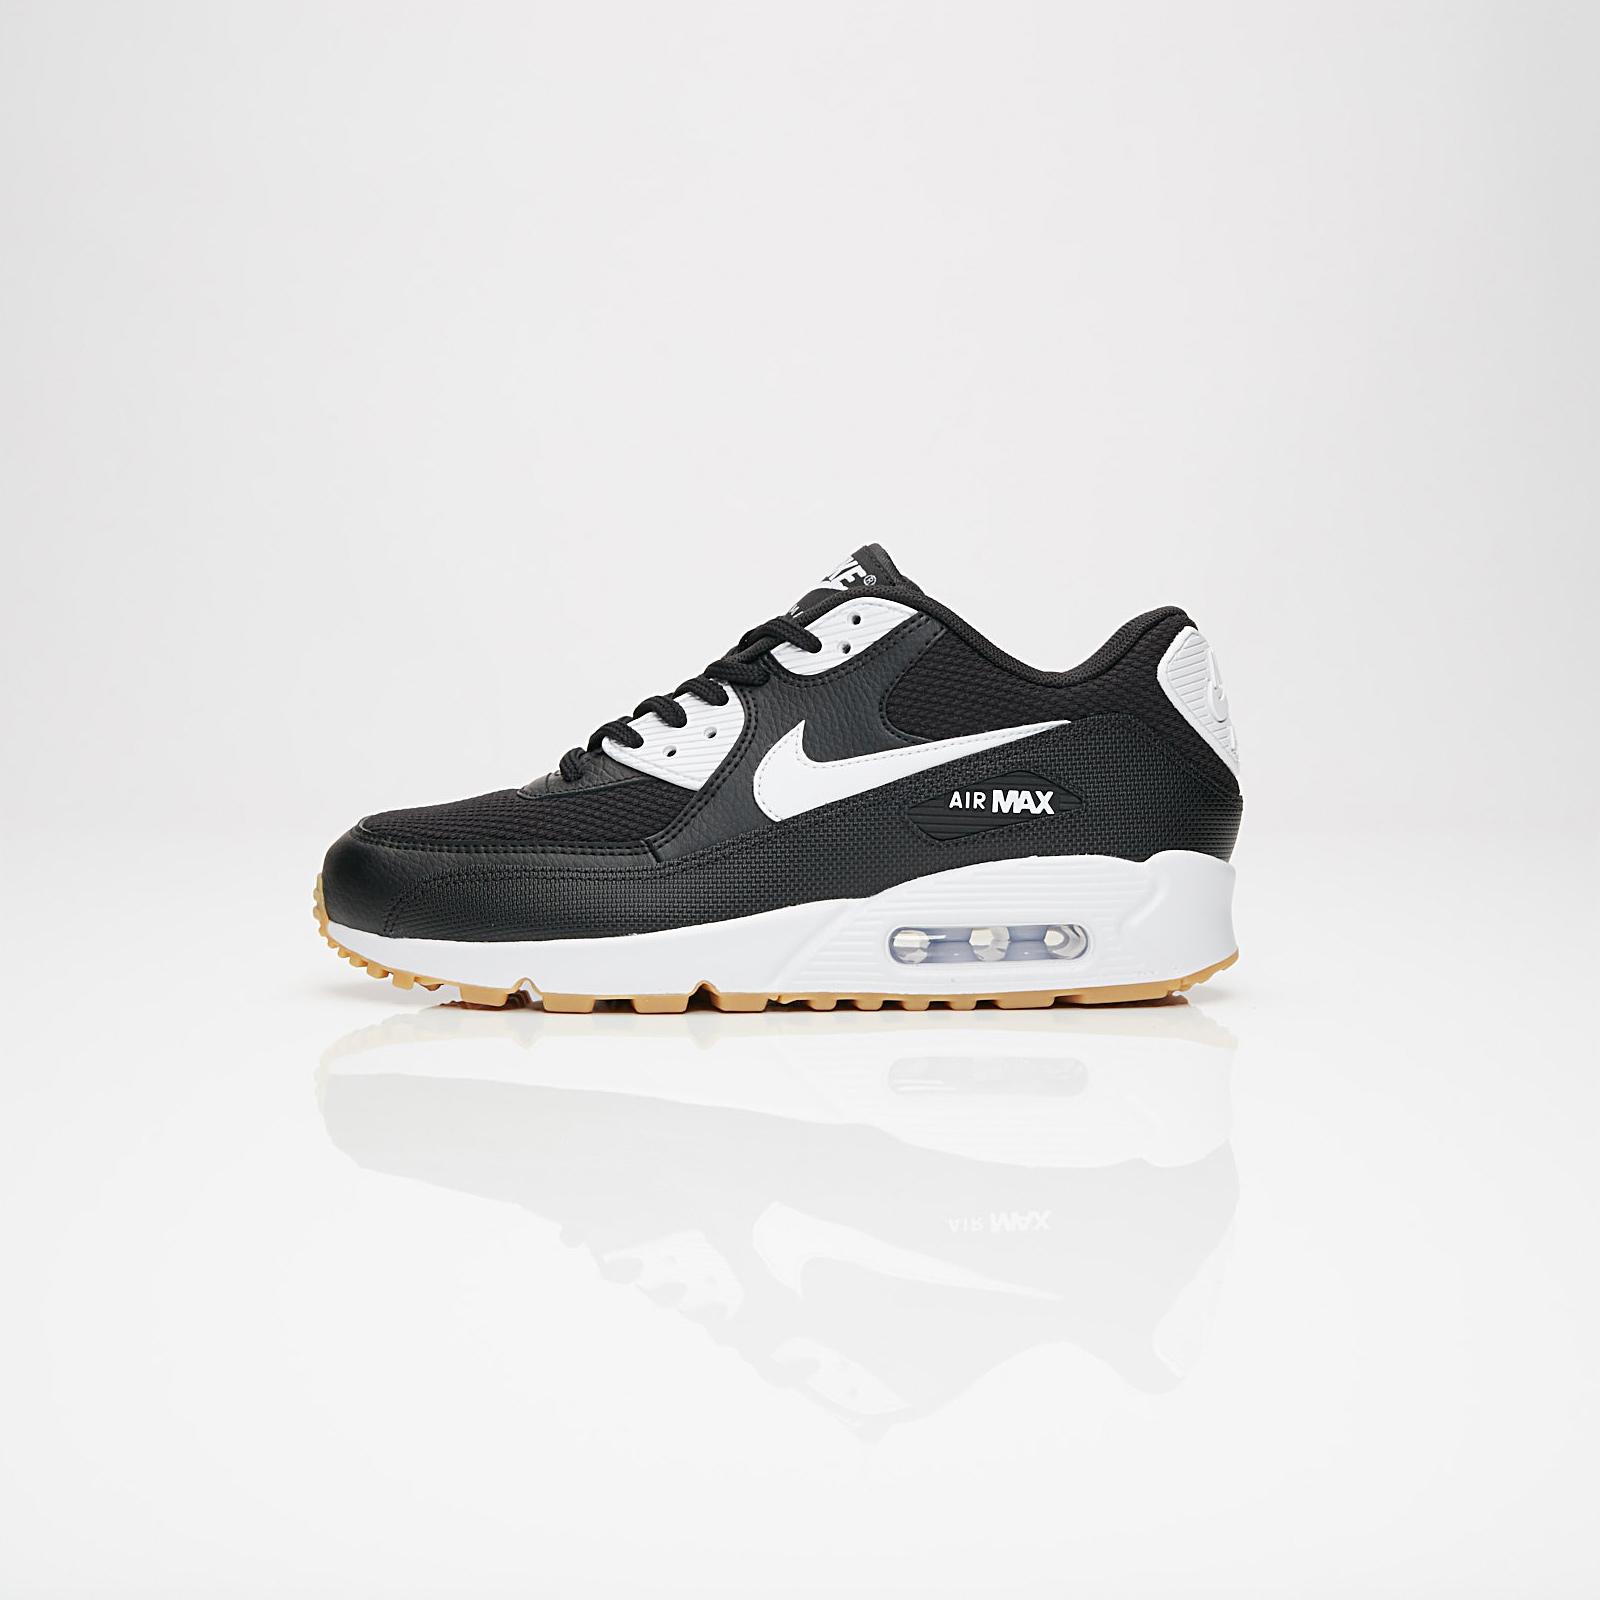 newest 4ca67 40800 Nike Wmns Air Max 90 - 325213-055 - Sneakersnstuff   sneakers   streetwear  online since 1999